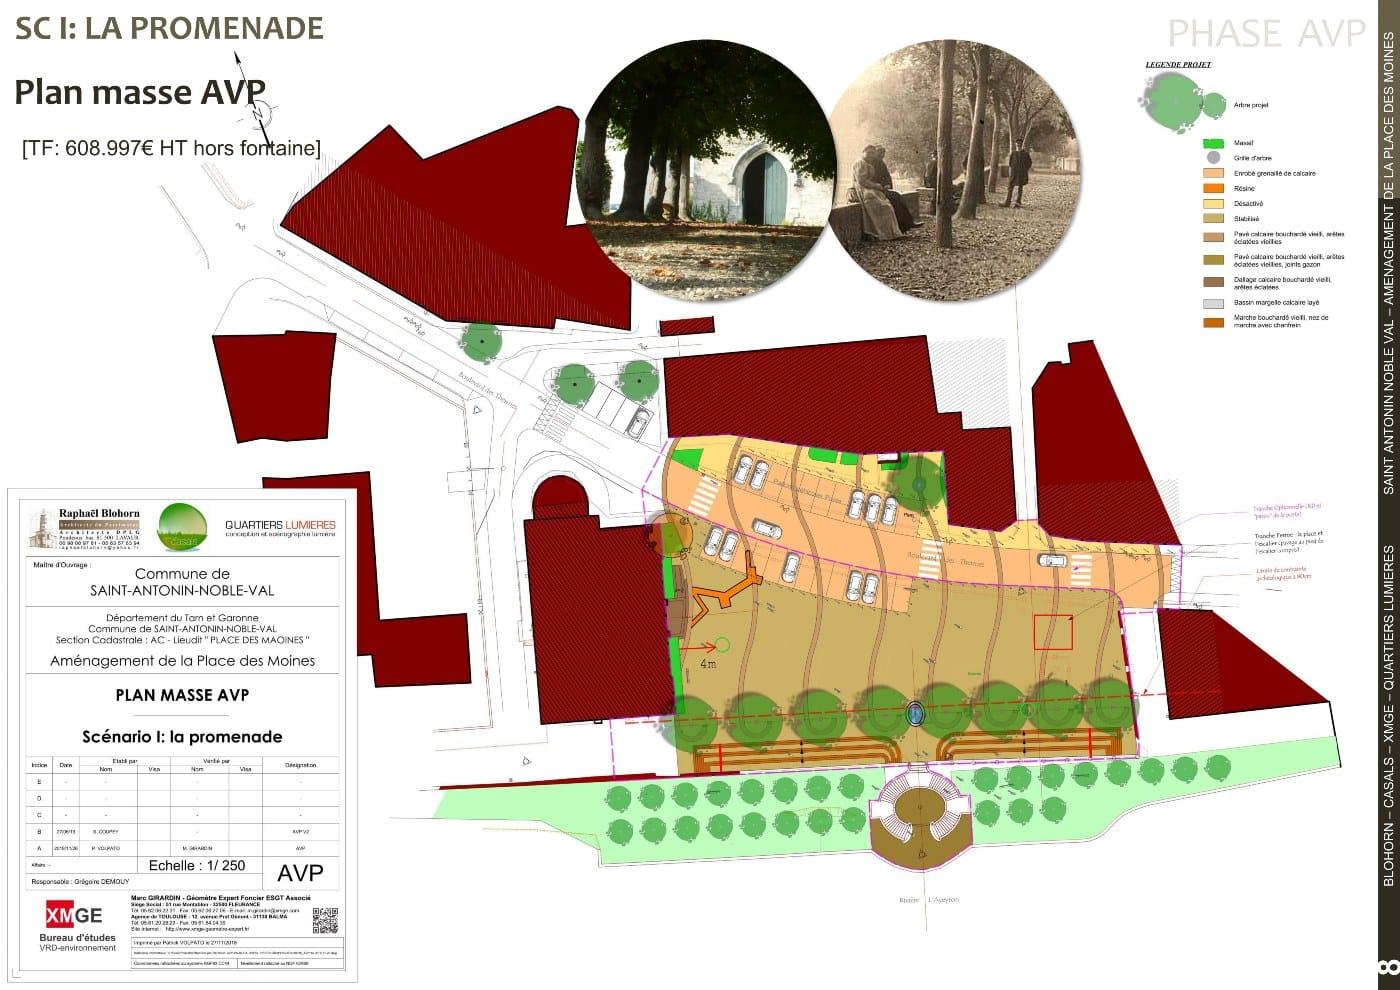 Phase AVP plan masse scénario 1